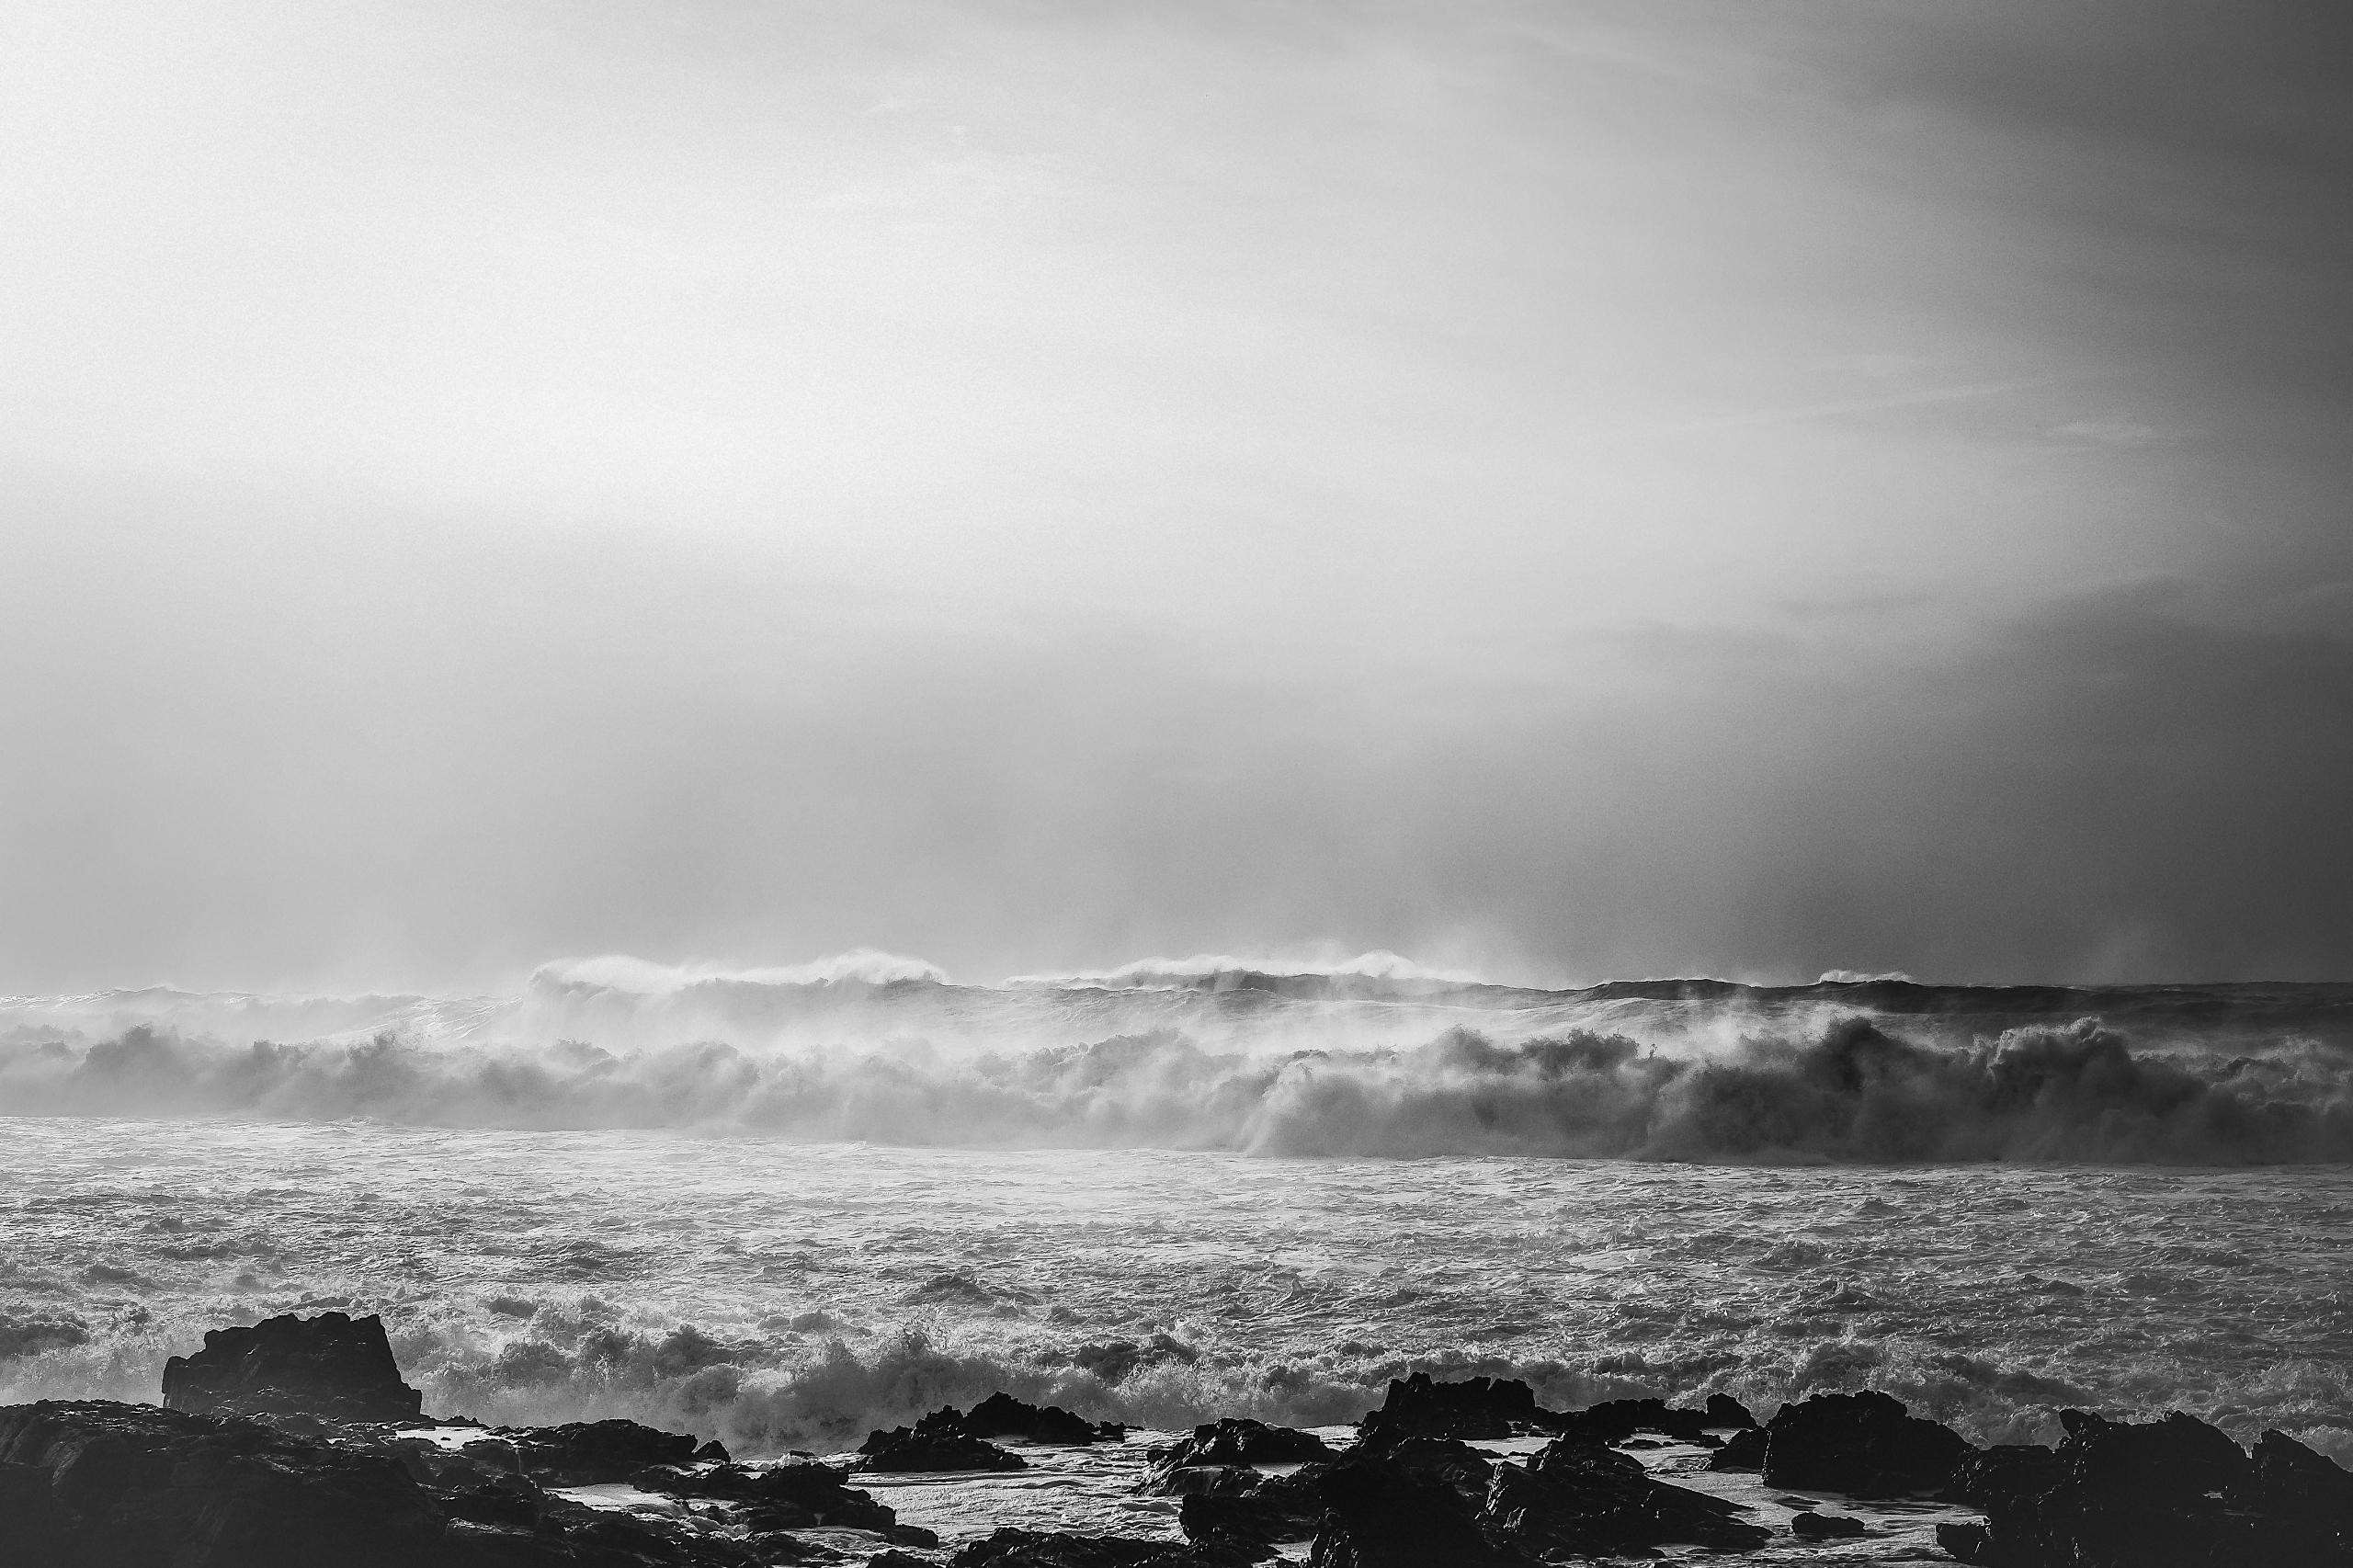 Sea. Portugal, 2017 - zepedroalvarez | ello